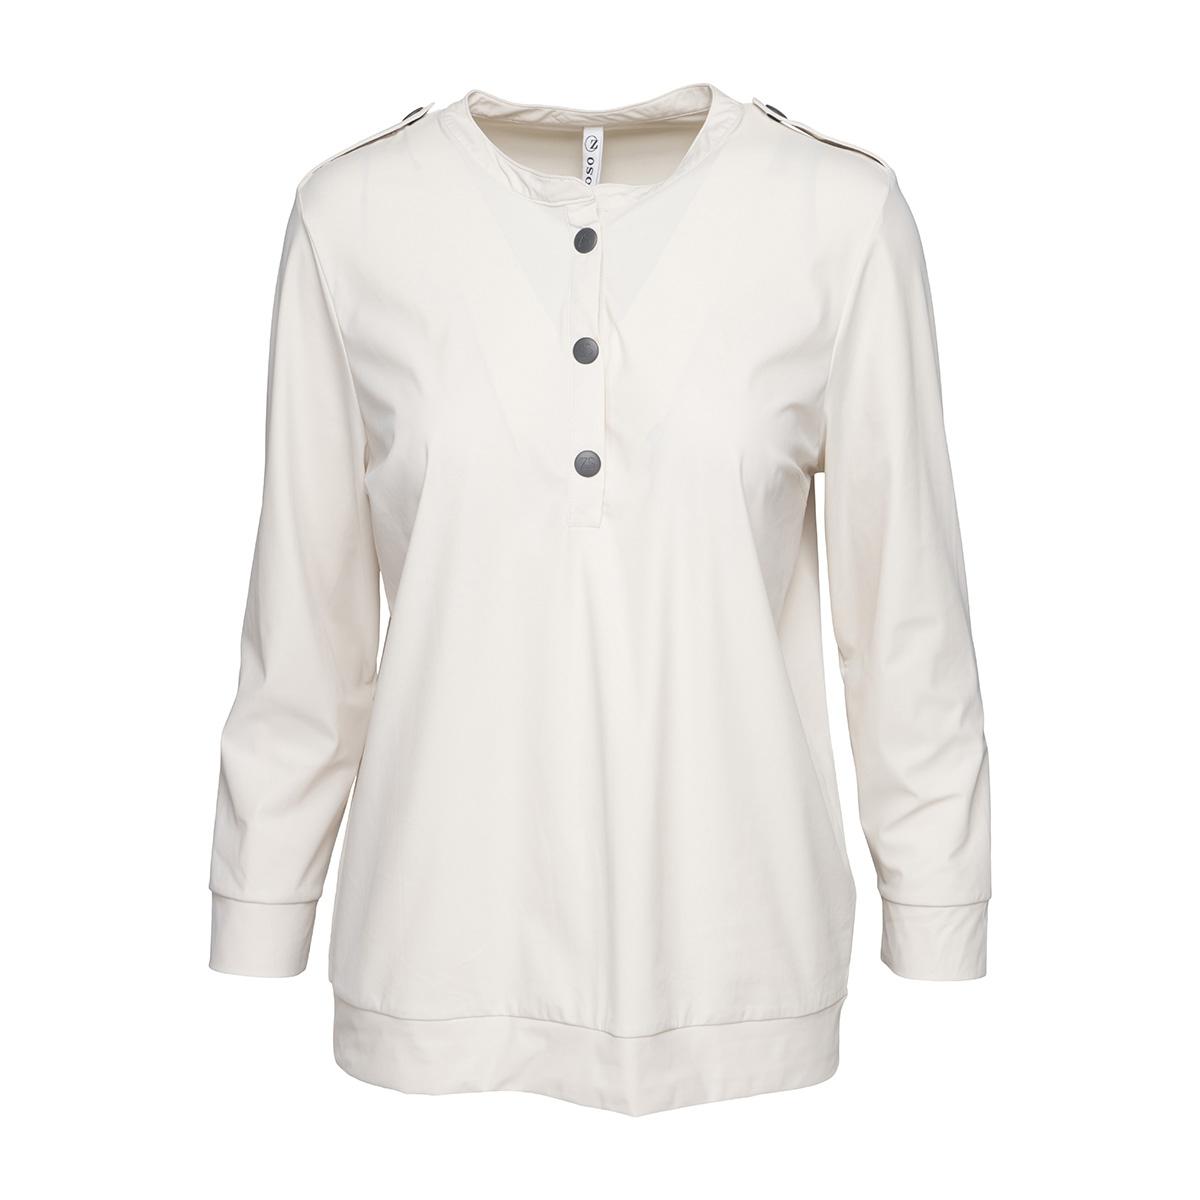 marlies travel blouse 201 zoso blouse 0021 kit